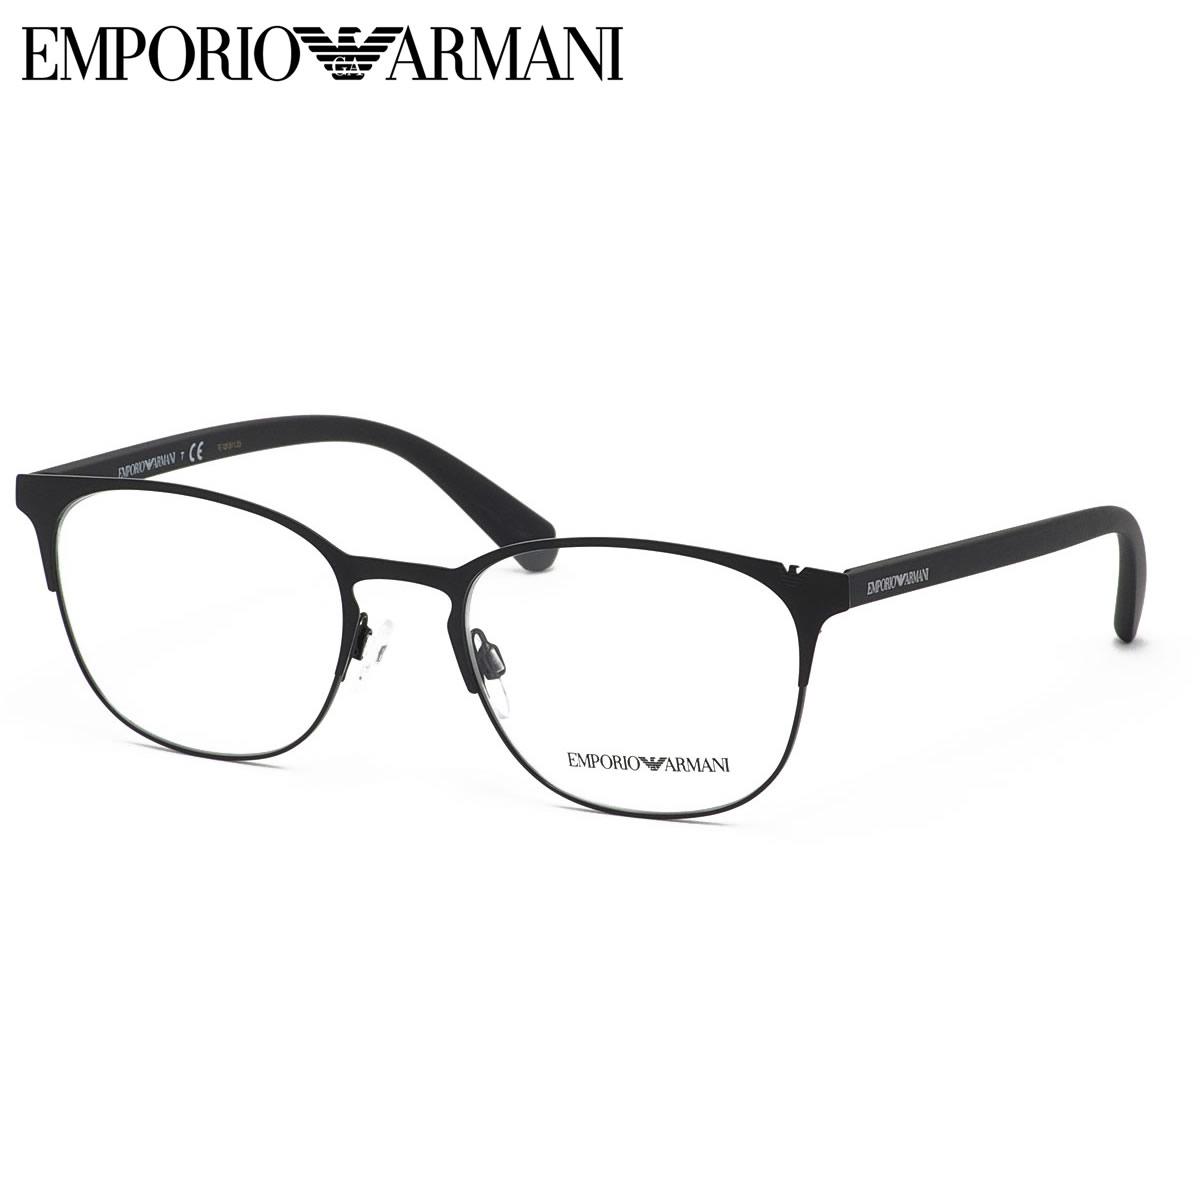 ほぼ全品ポイント15倍~20倍+15倍+2倍 エンポリオアルマーニ EMPORIO ARMANI メガネEA1059 3001 53サイズアイコニックイーグル エンポリオアルマーニ EMPORIOARMANI メンズ レディース